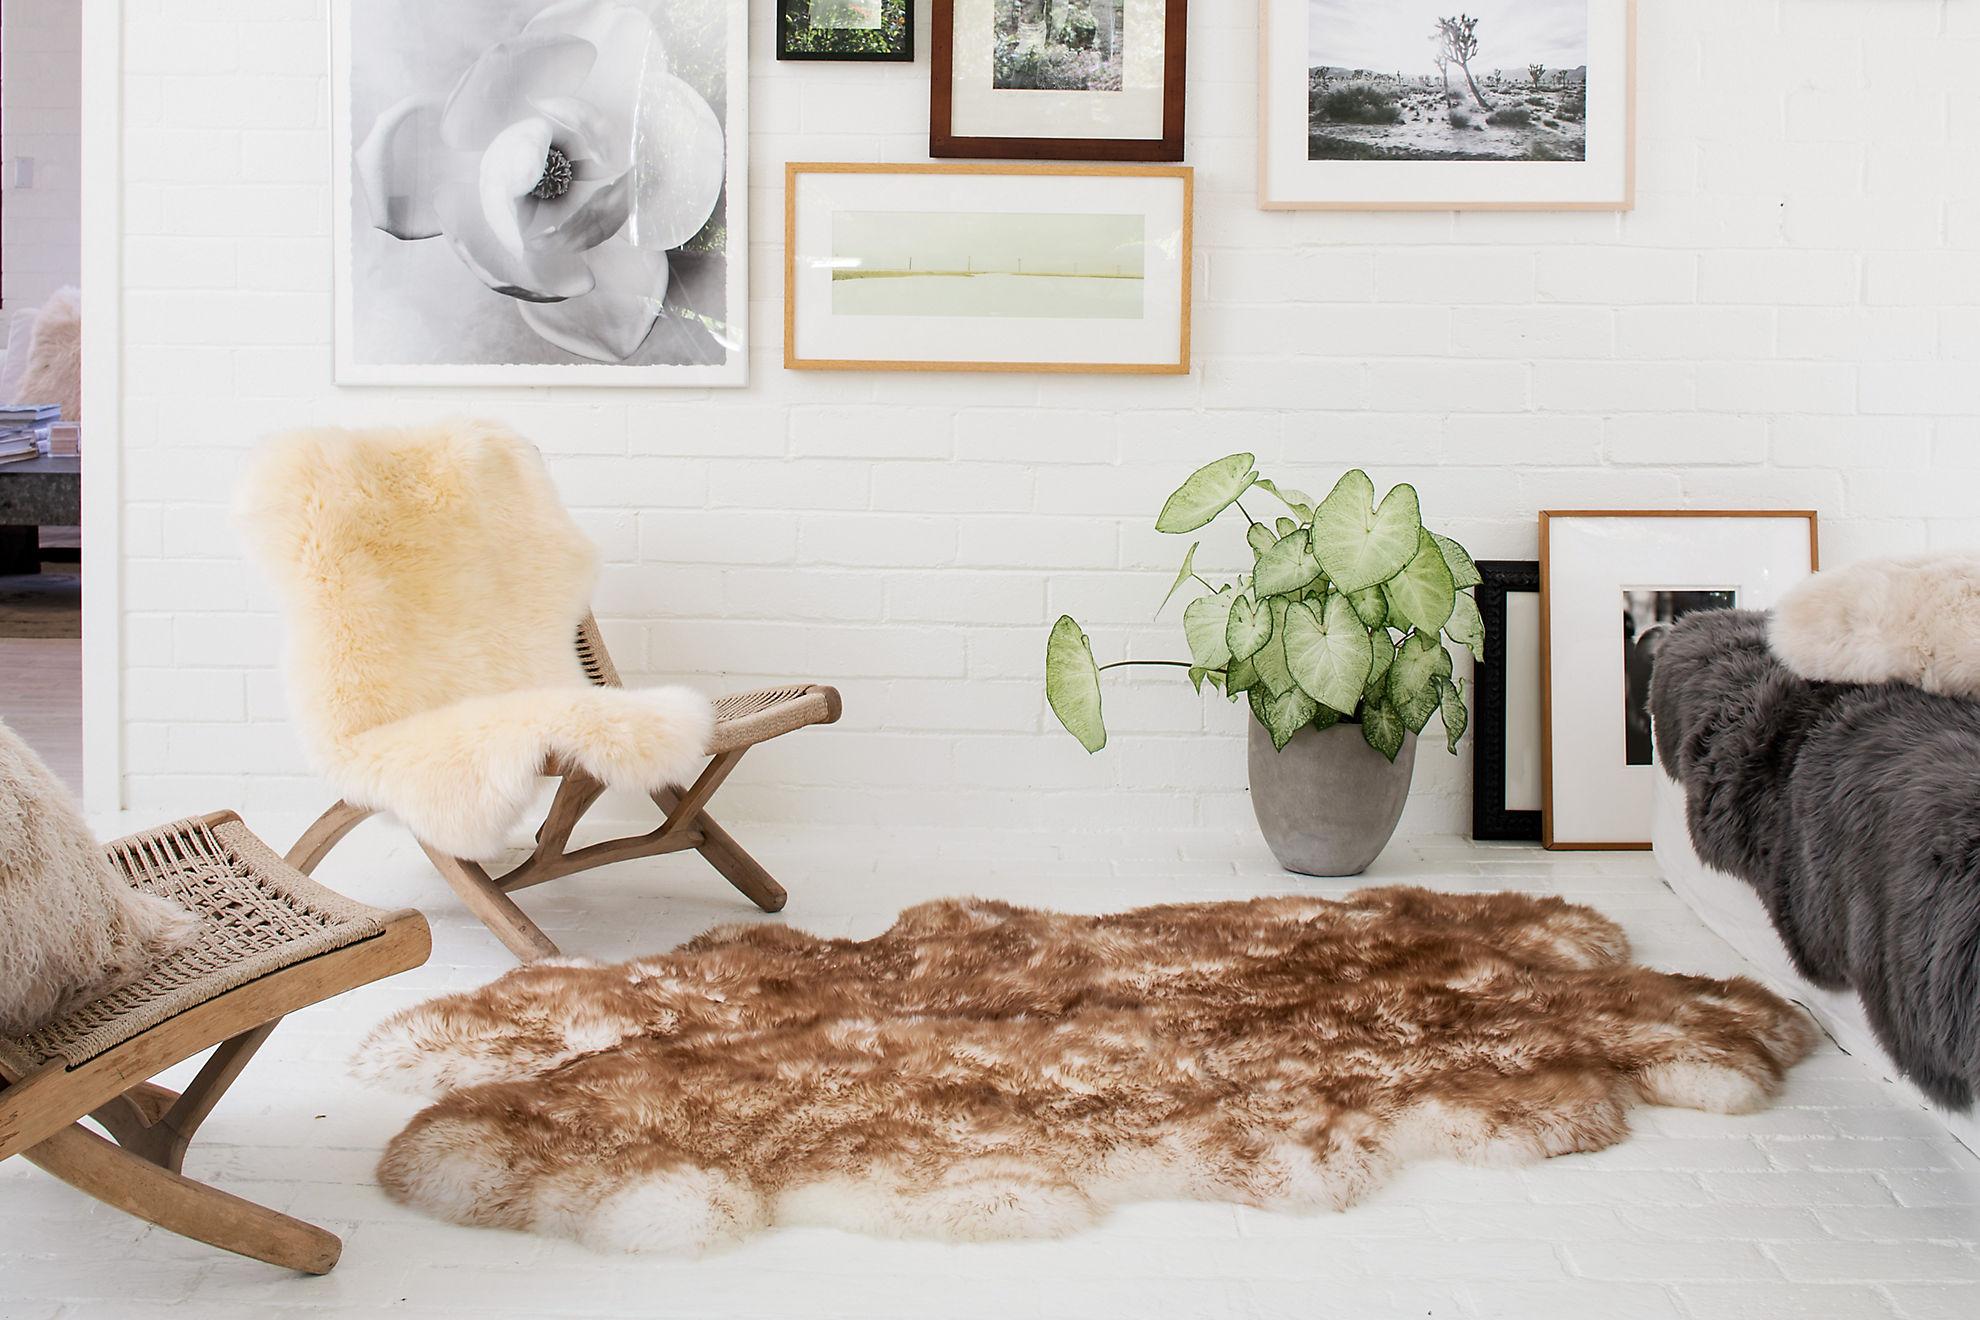 4-Pelt (4' x 6') Premium Australian Sheepskin Area Rug